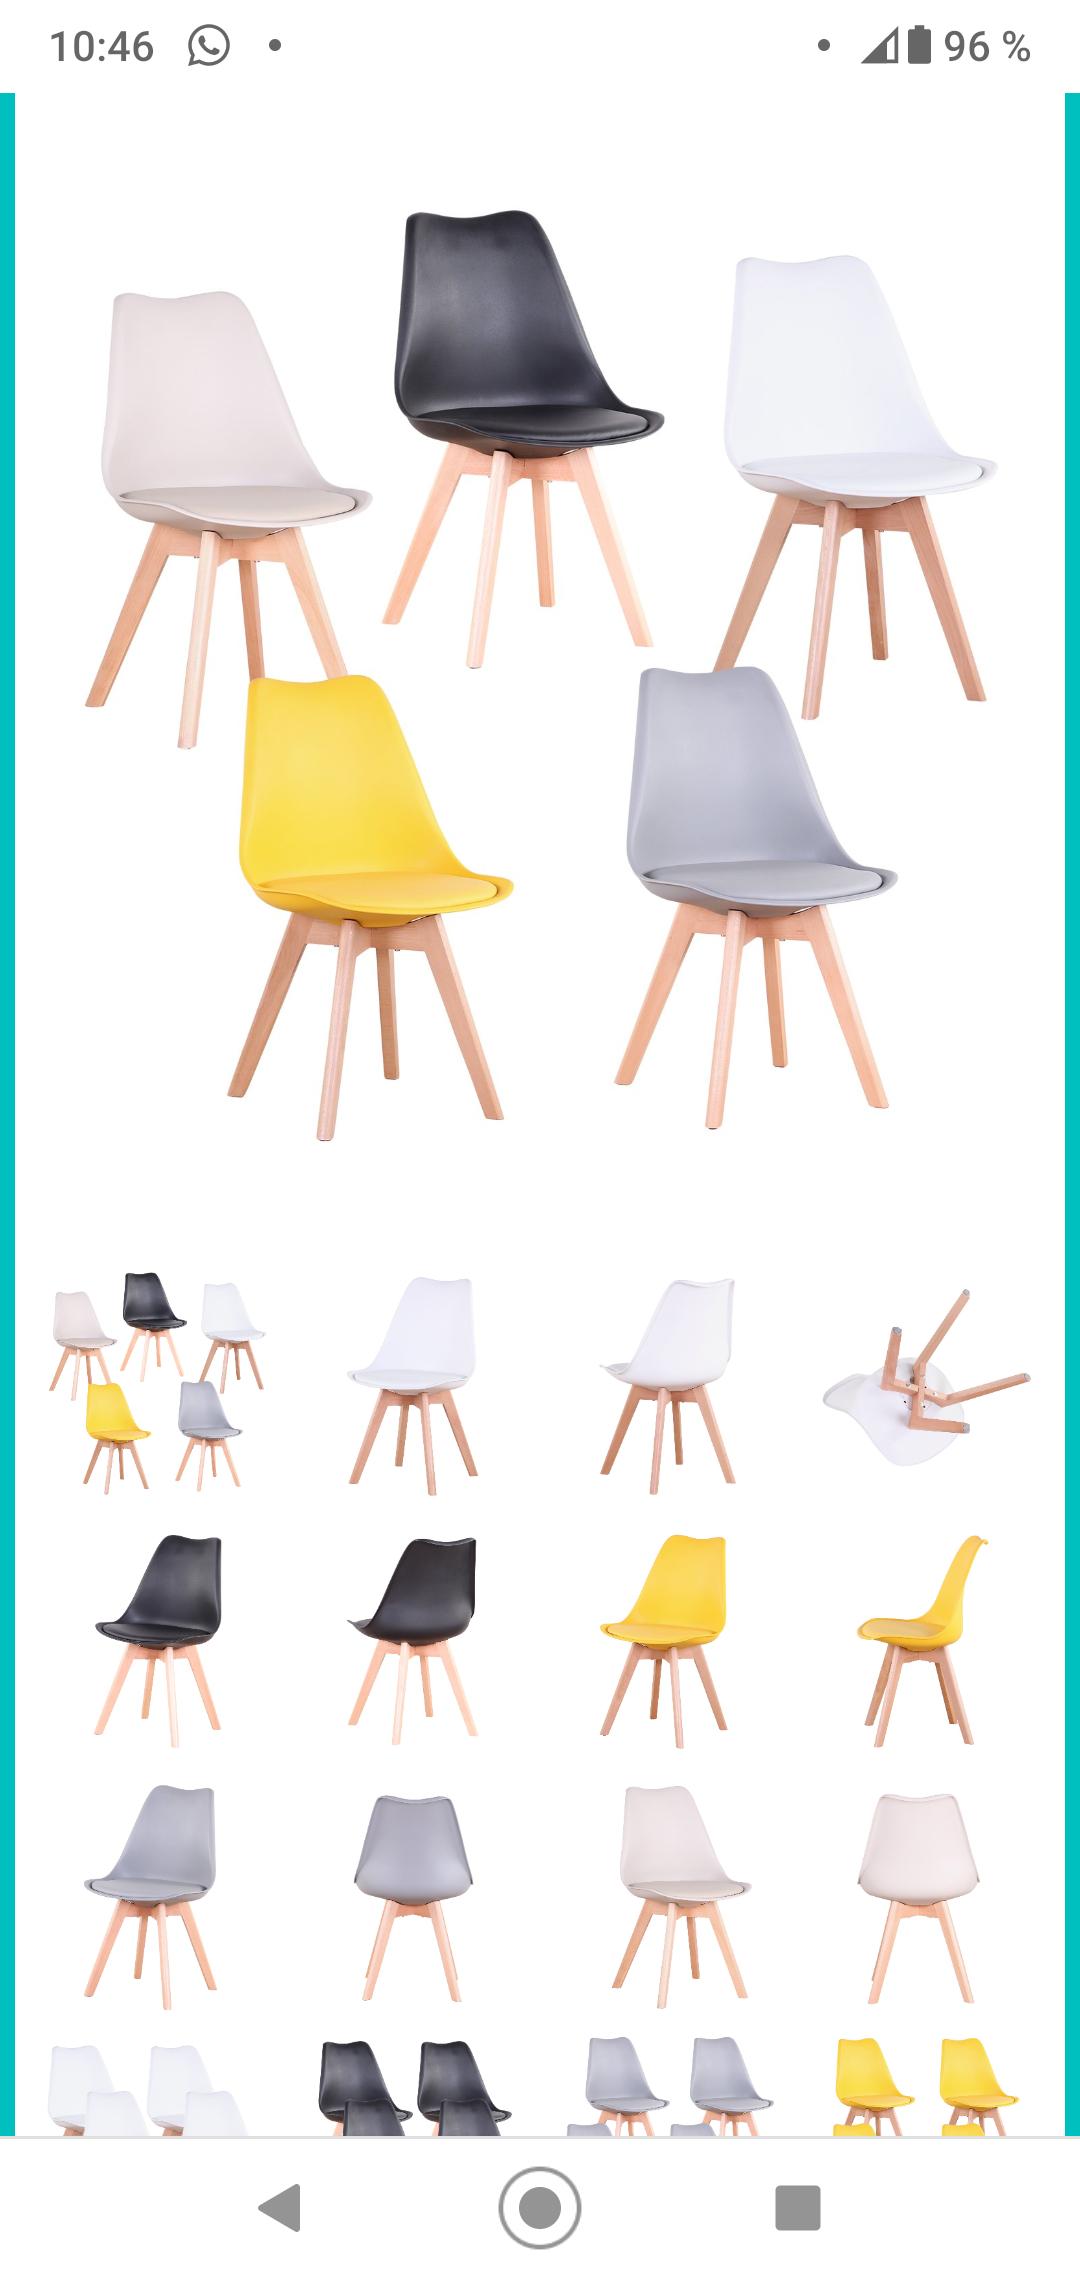 Pack 4 Sillas ultracómodas y de diseño Tulip - asiento acolchado.